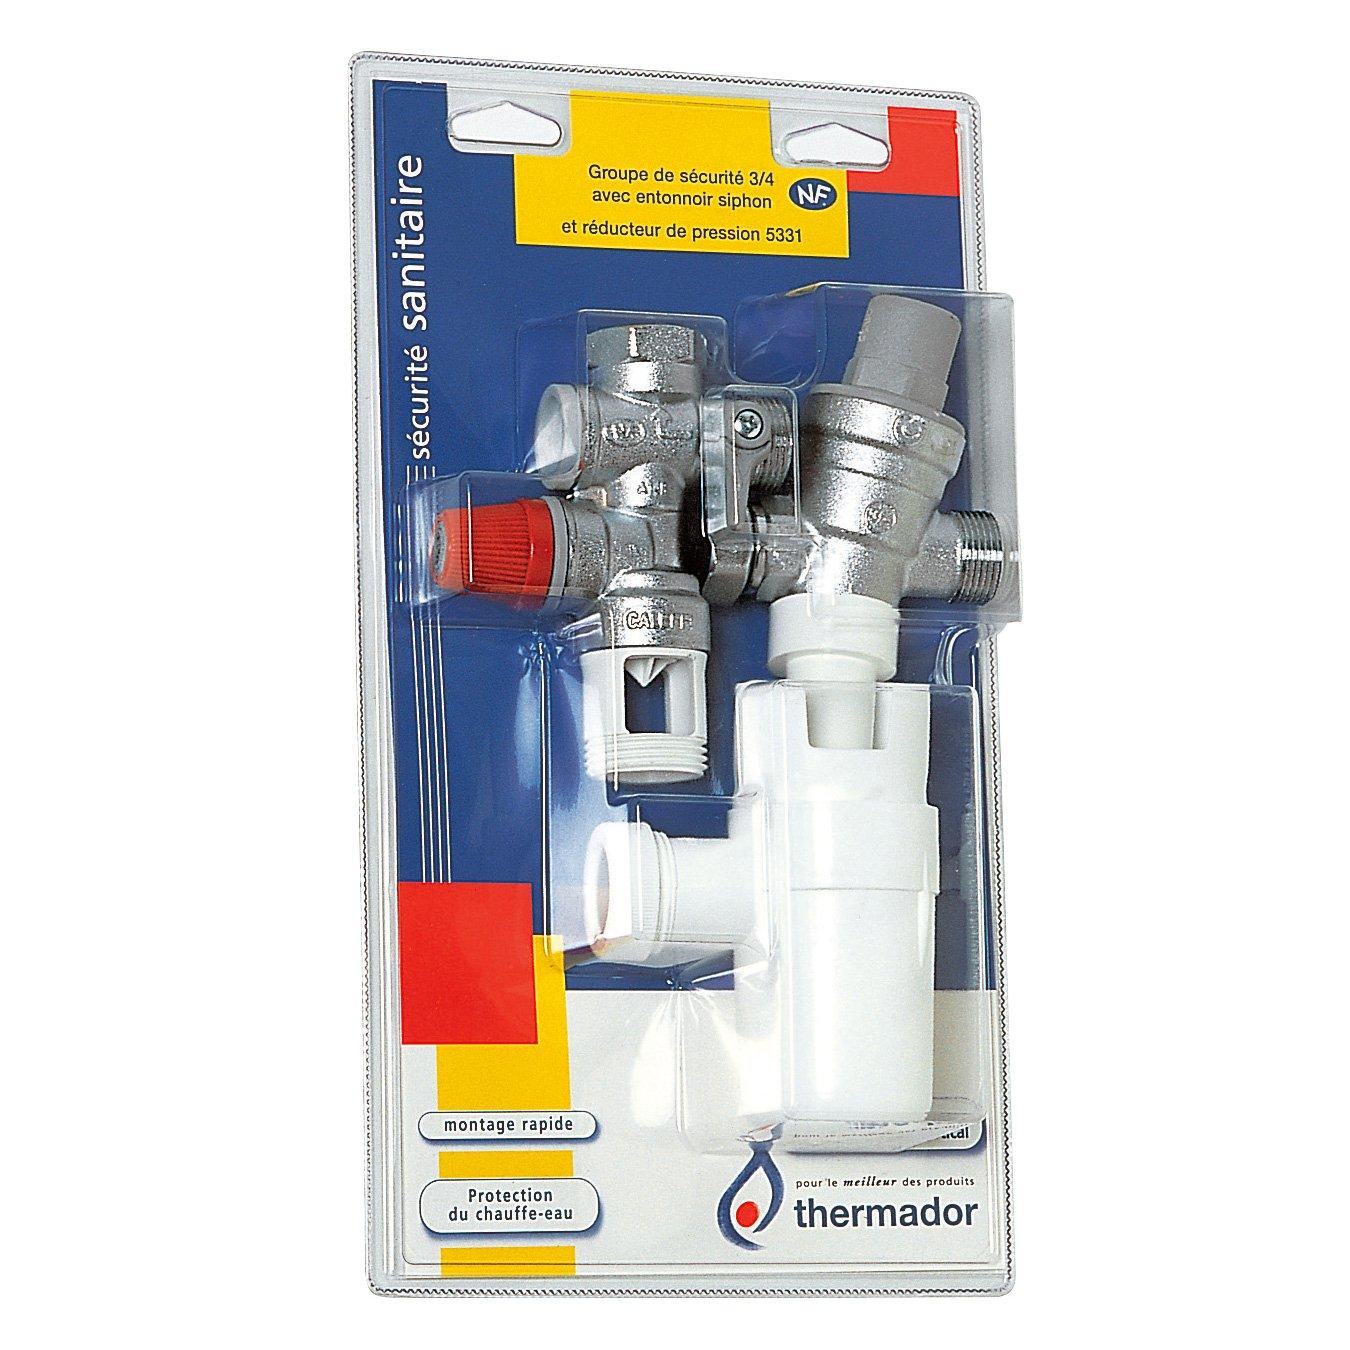 Thermador - Groupe de sécurité - Groupe de sécurité droit 3/4' (20/27) avec siphon et réducteur de pression